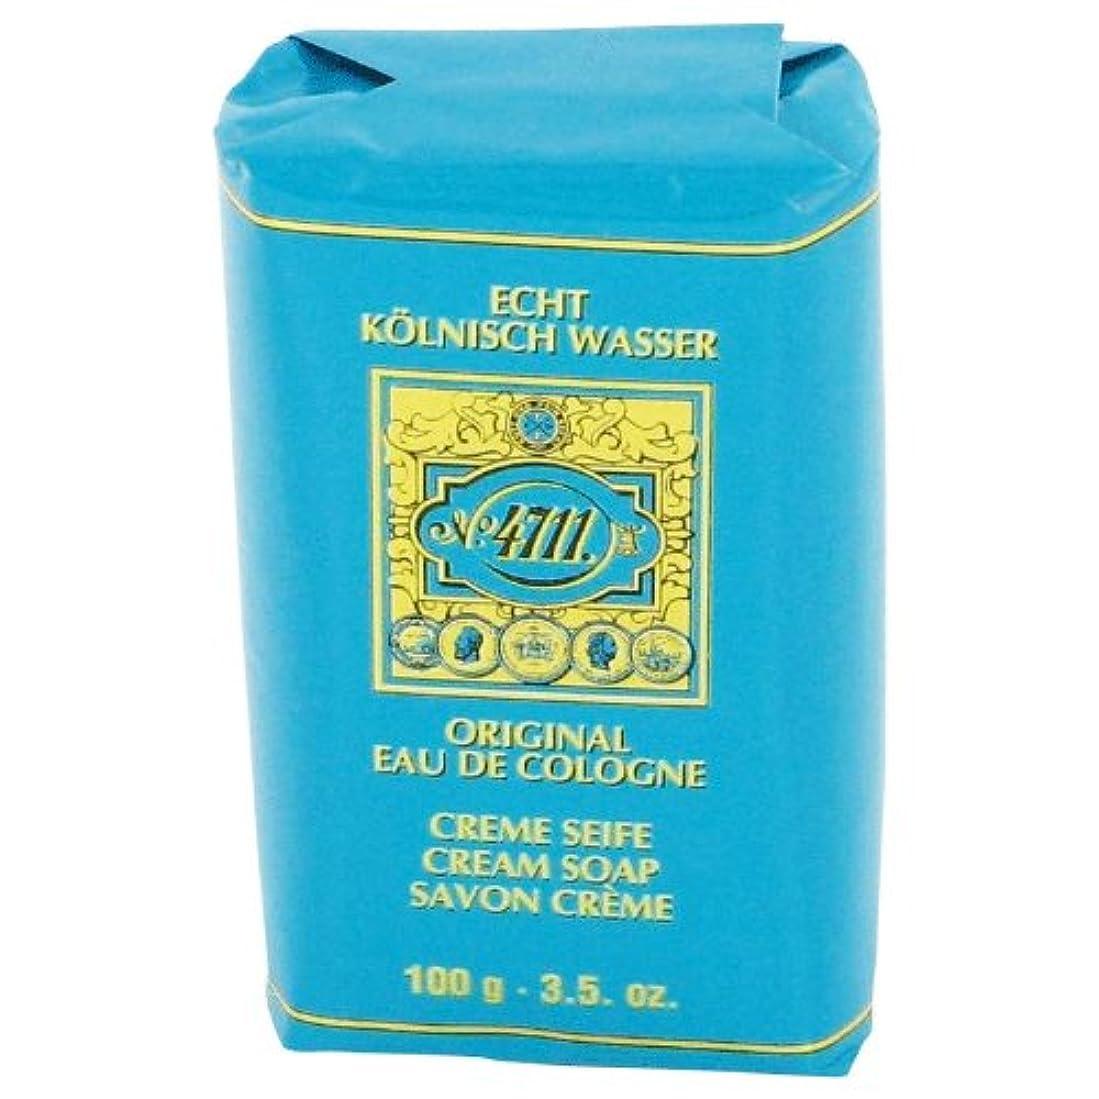 チート禁止するナサニエル区4711 cream soap 100 gr [海外直送品] [並行輸入品]